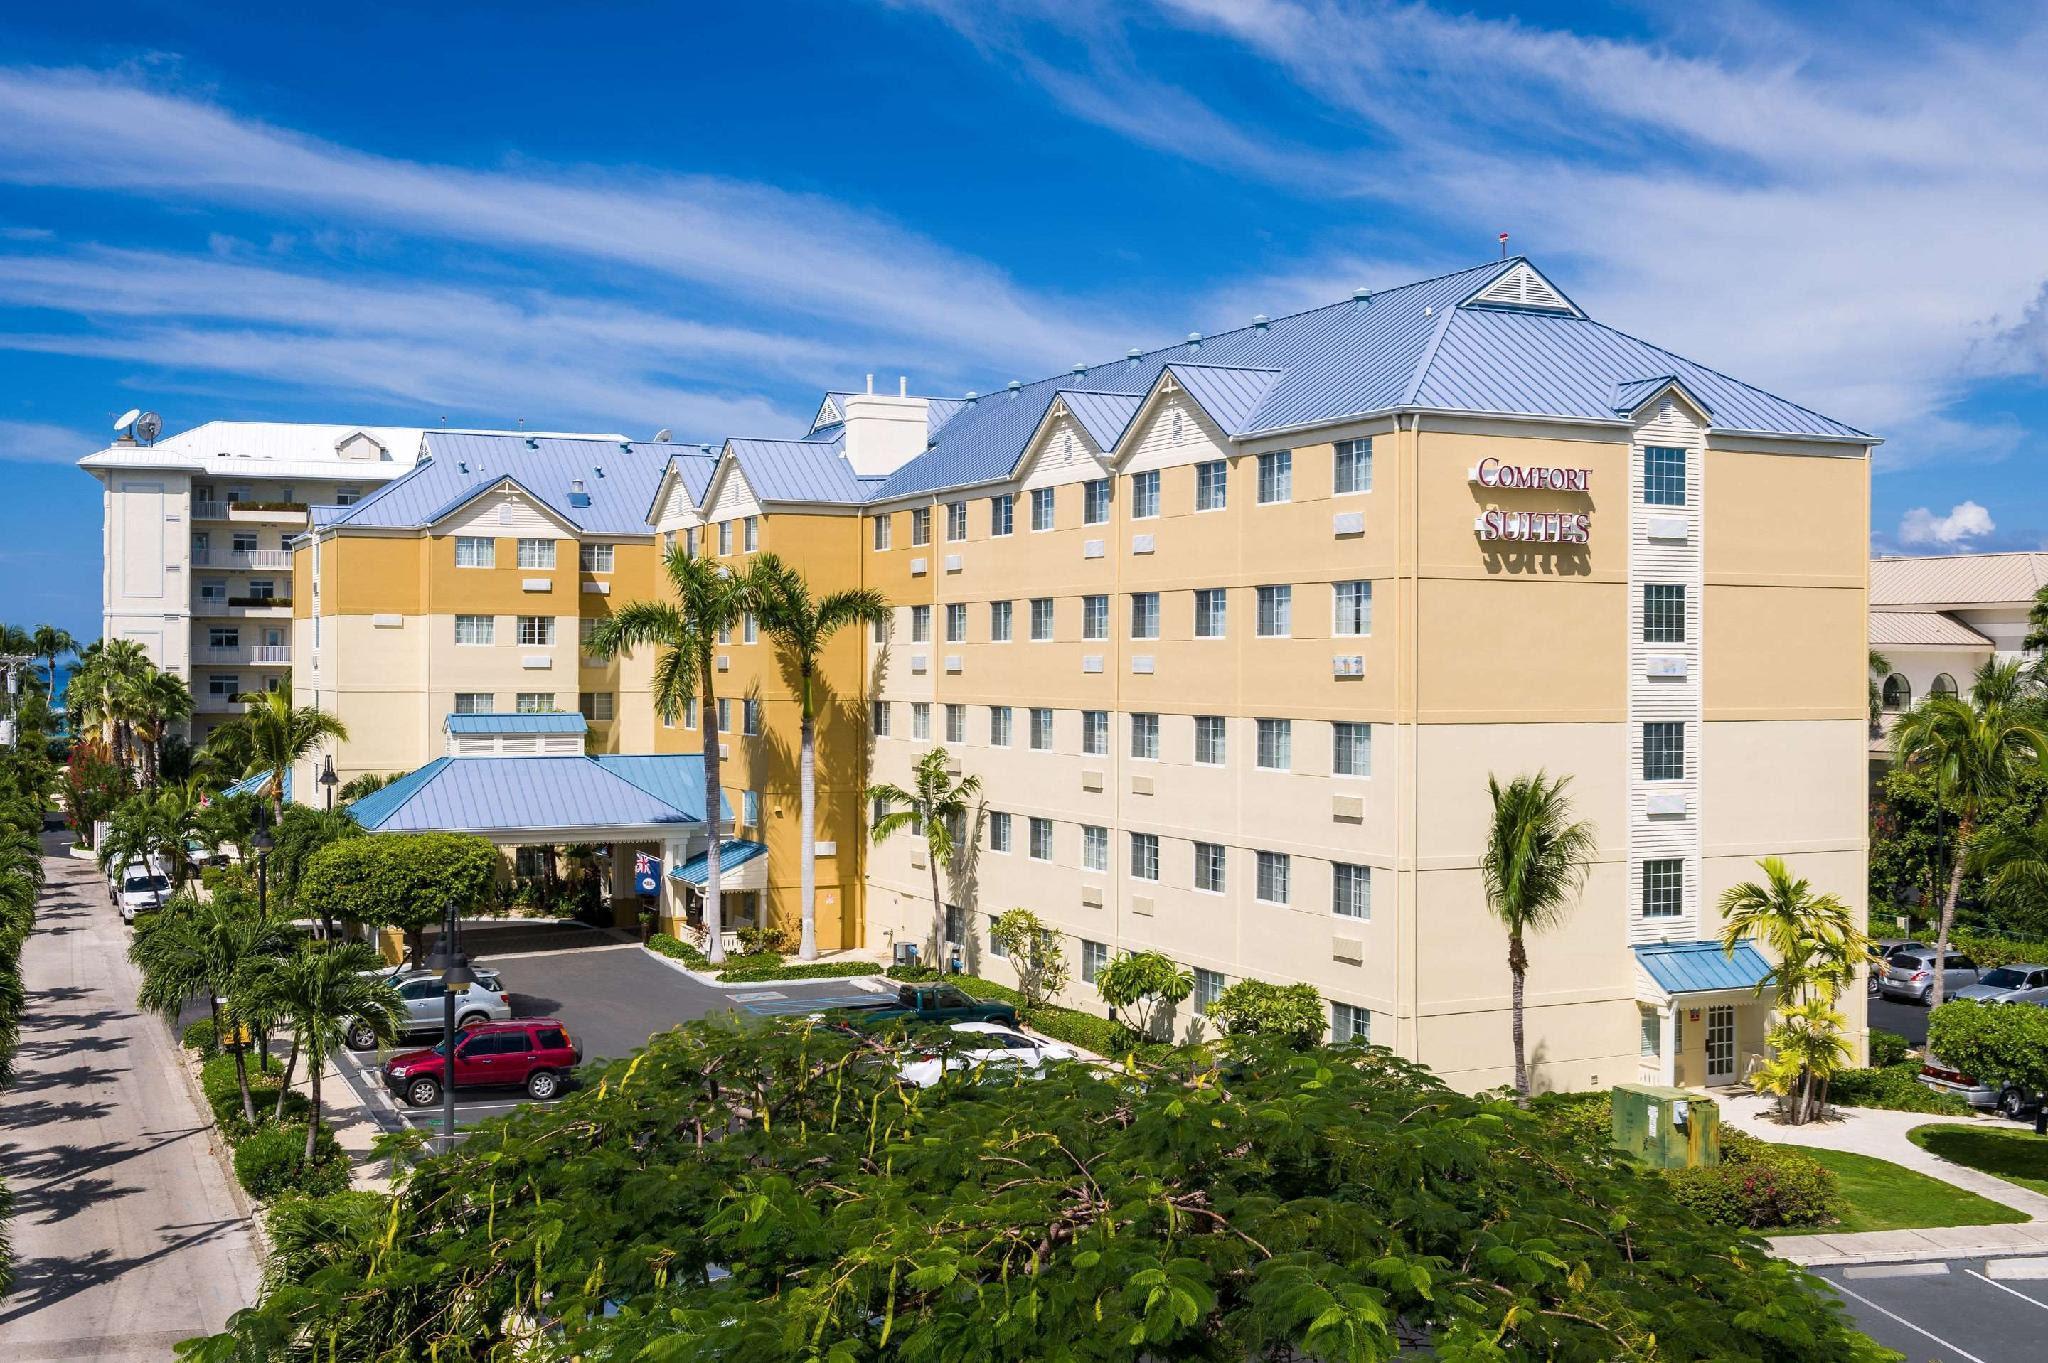 Comfort Suites Seven Mile Beach Cayman Islands Reviews